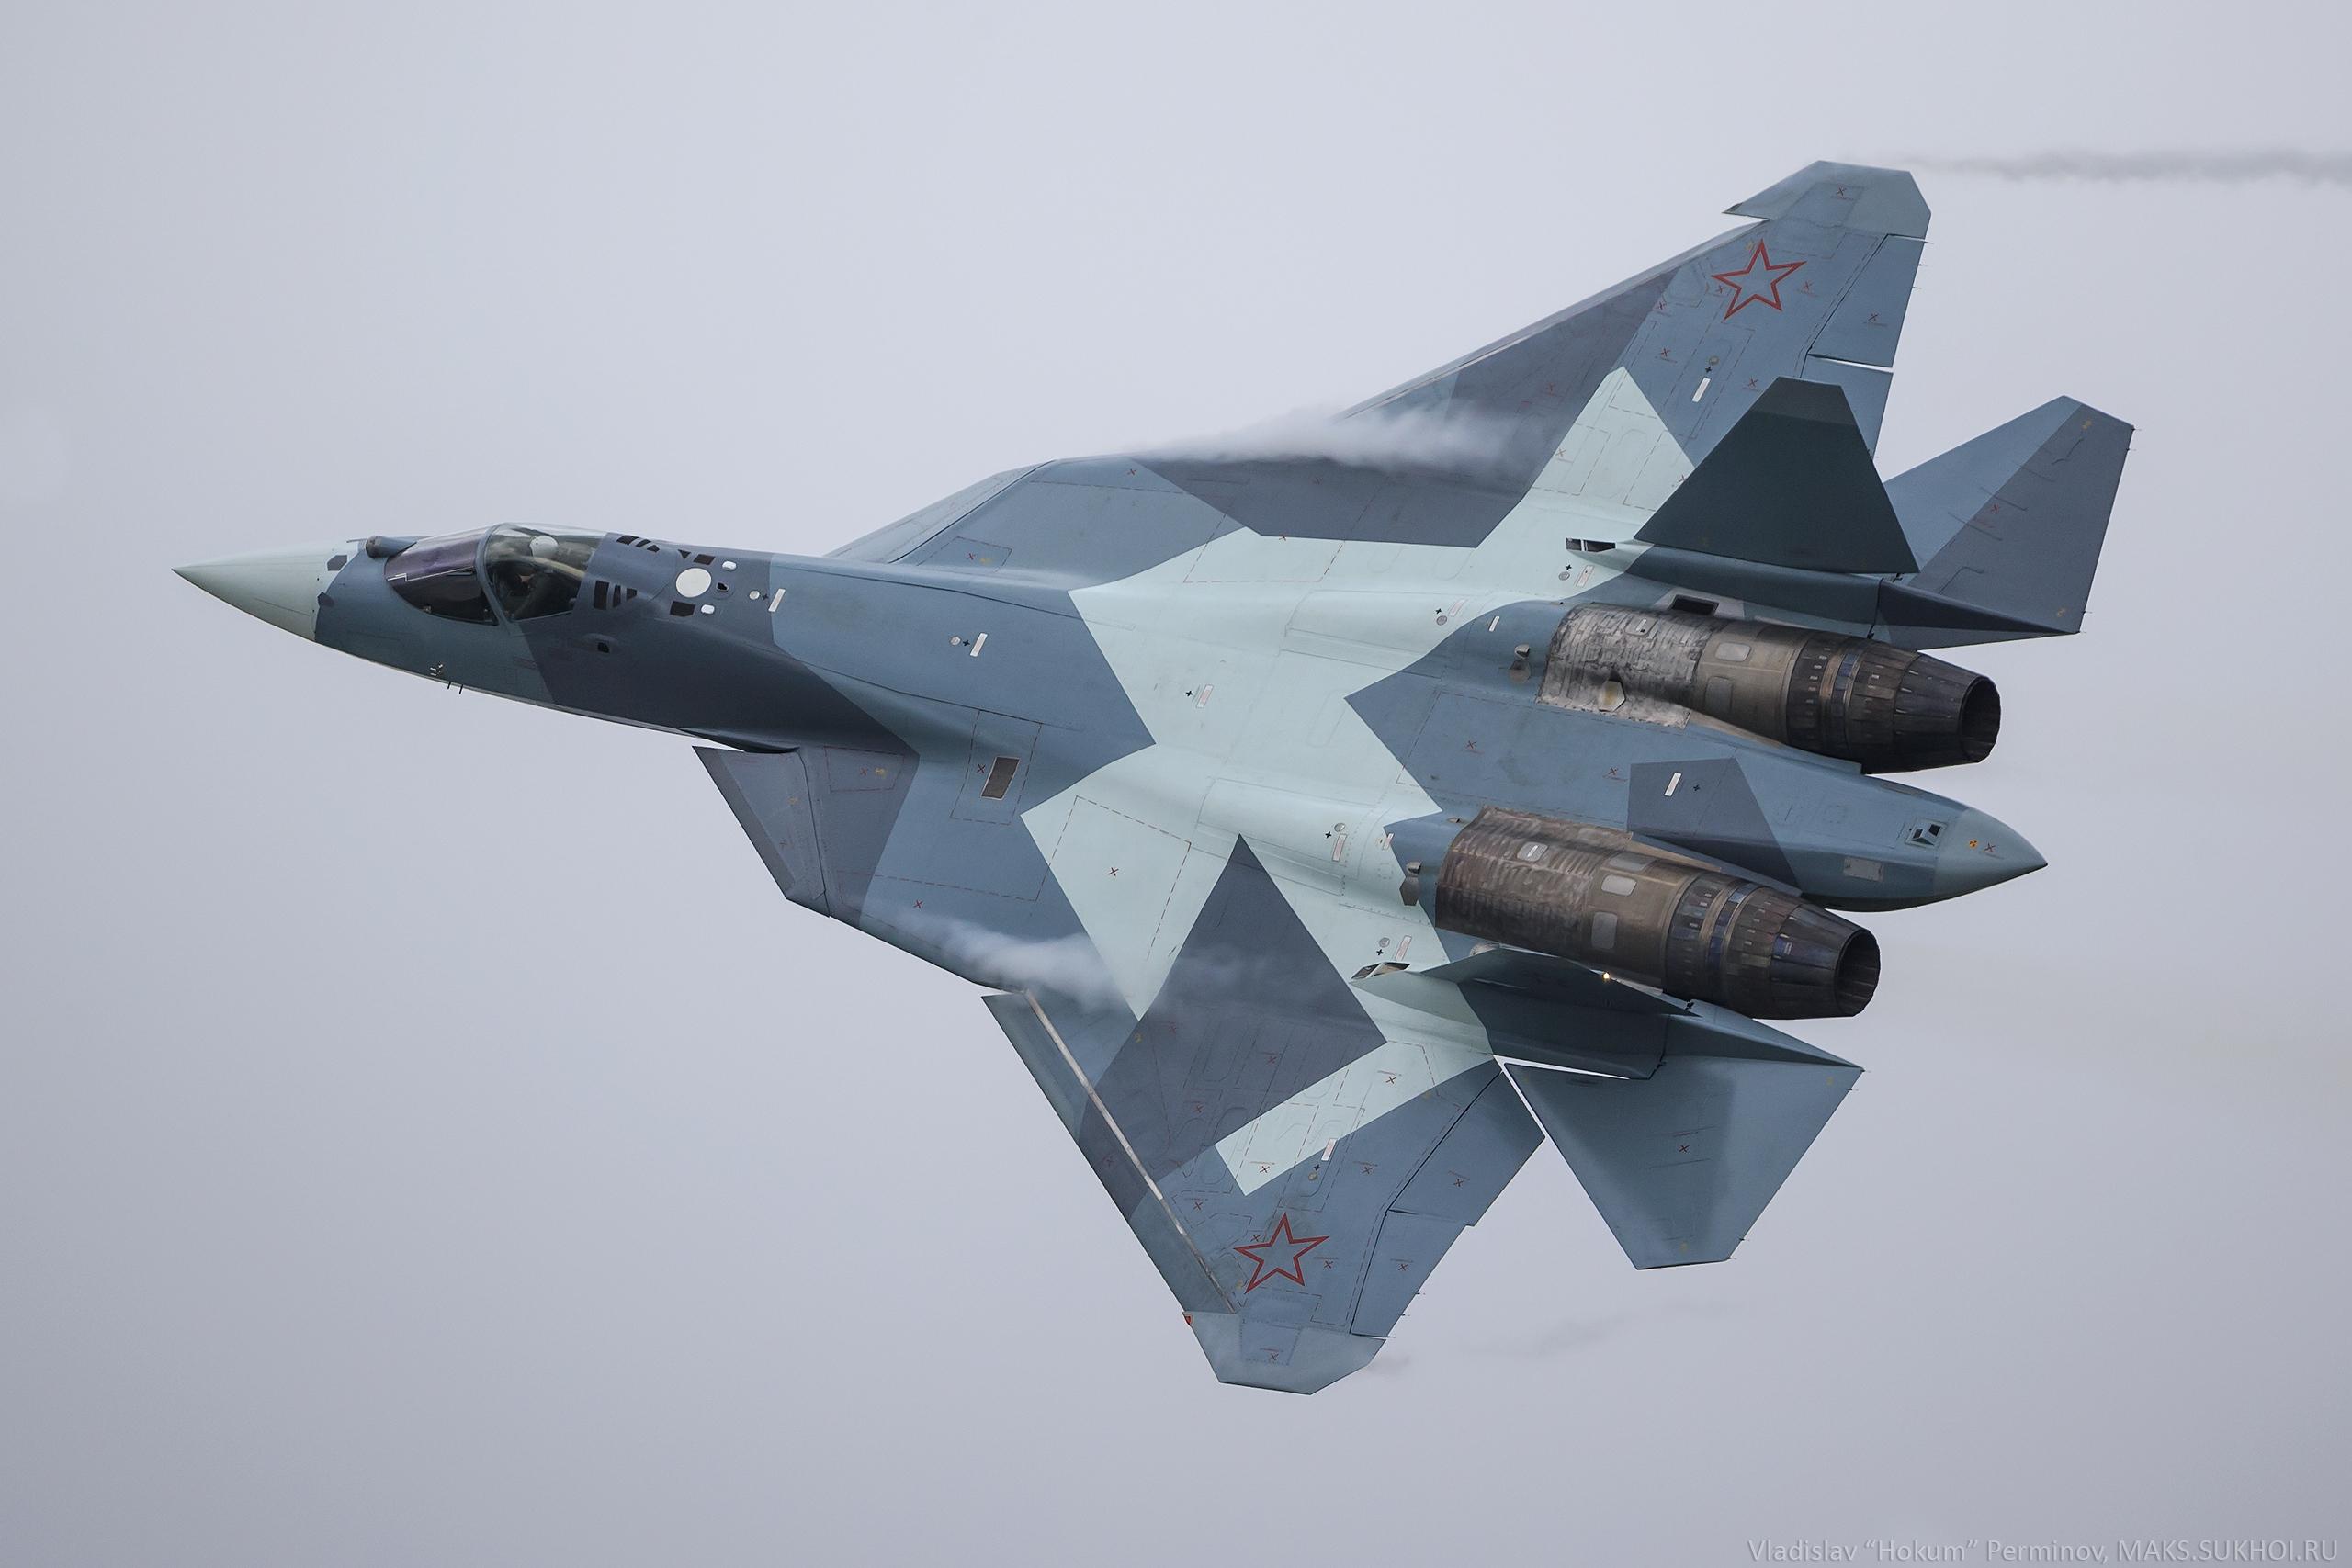 Обои Пятого поколения, многоцелевой, ПАК ФА Т-50, Самолёт, сверхзвуковой, Владислав Перминов, истребитель. Авиация foto 17